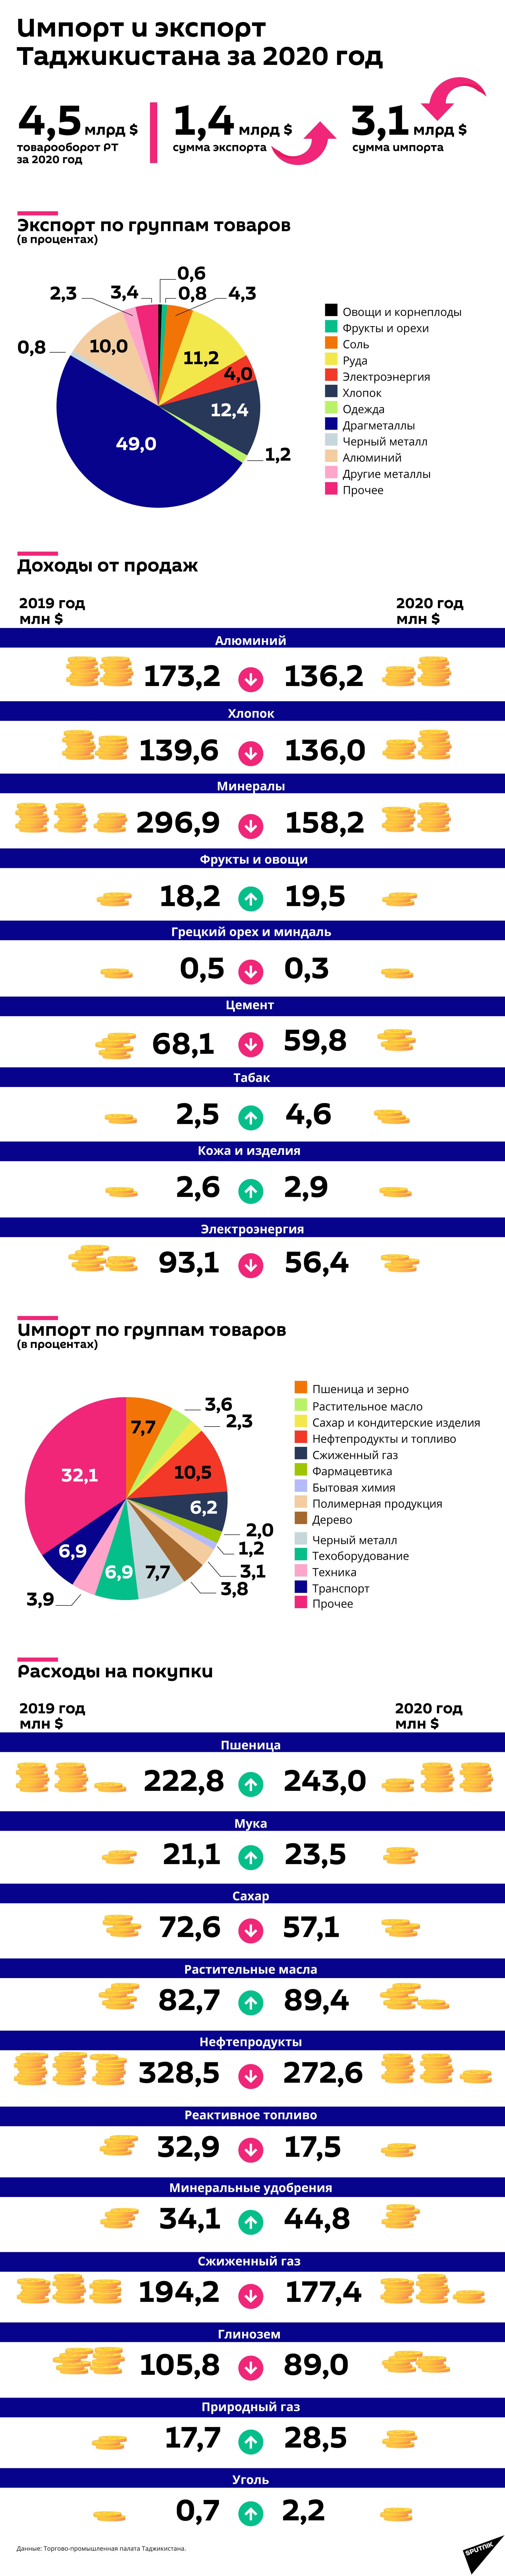 Импорт и экспорт Таджикистана за 2020 год  - Sputnik Таджикистан